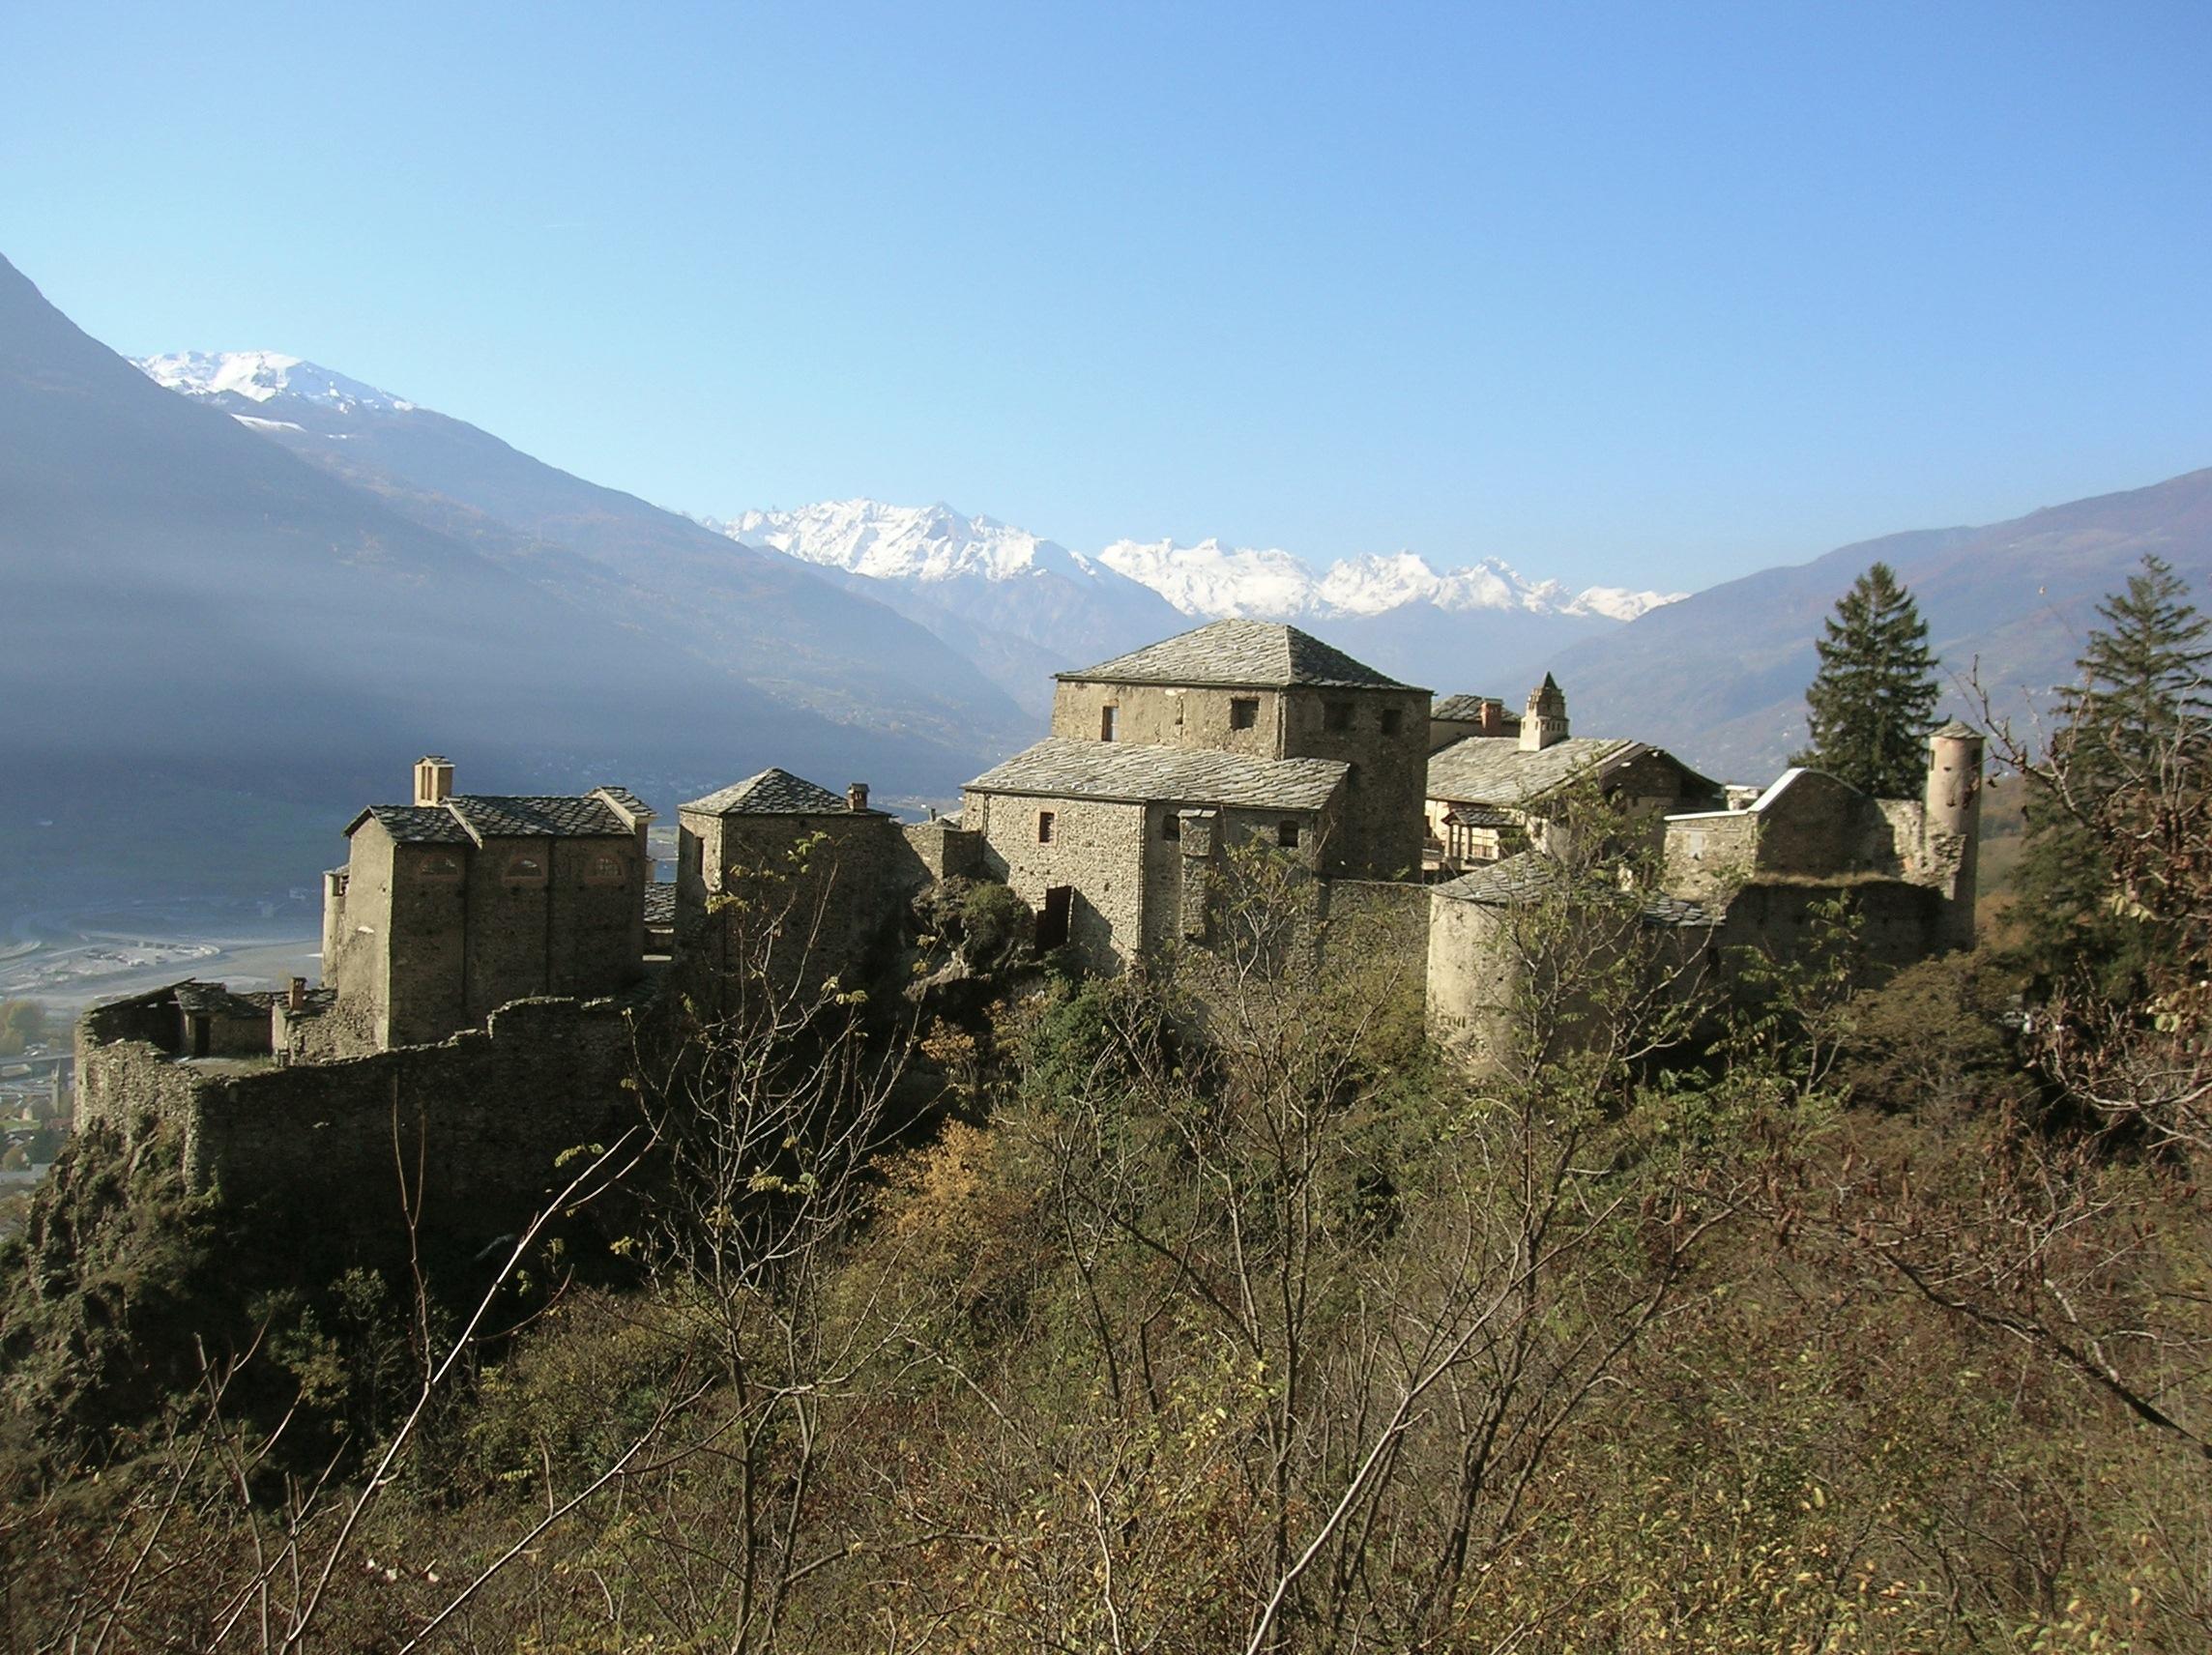 Archivo:Castello di Quart (AO).jpg - Wikipedia, la enciclopedia libre